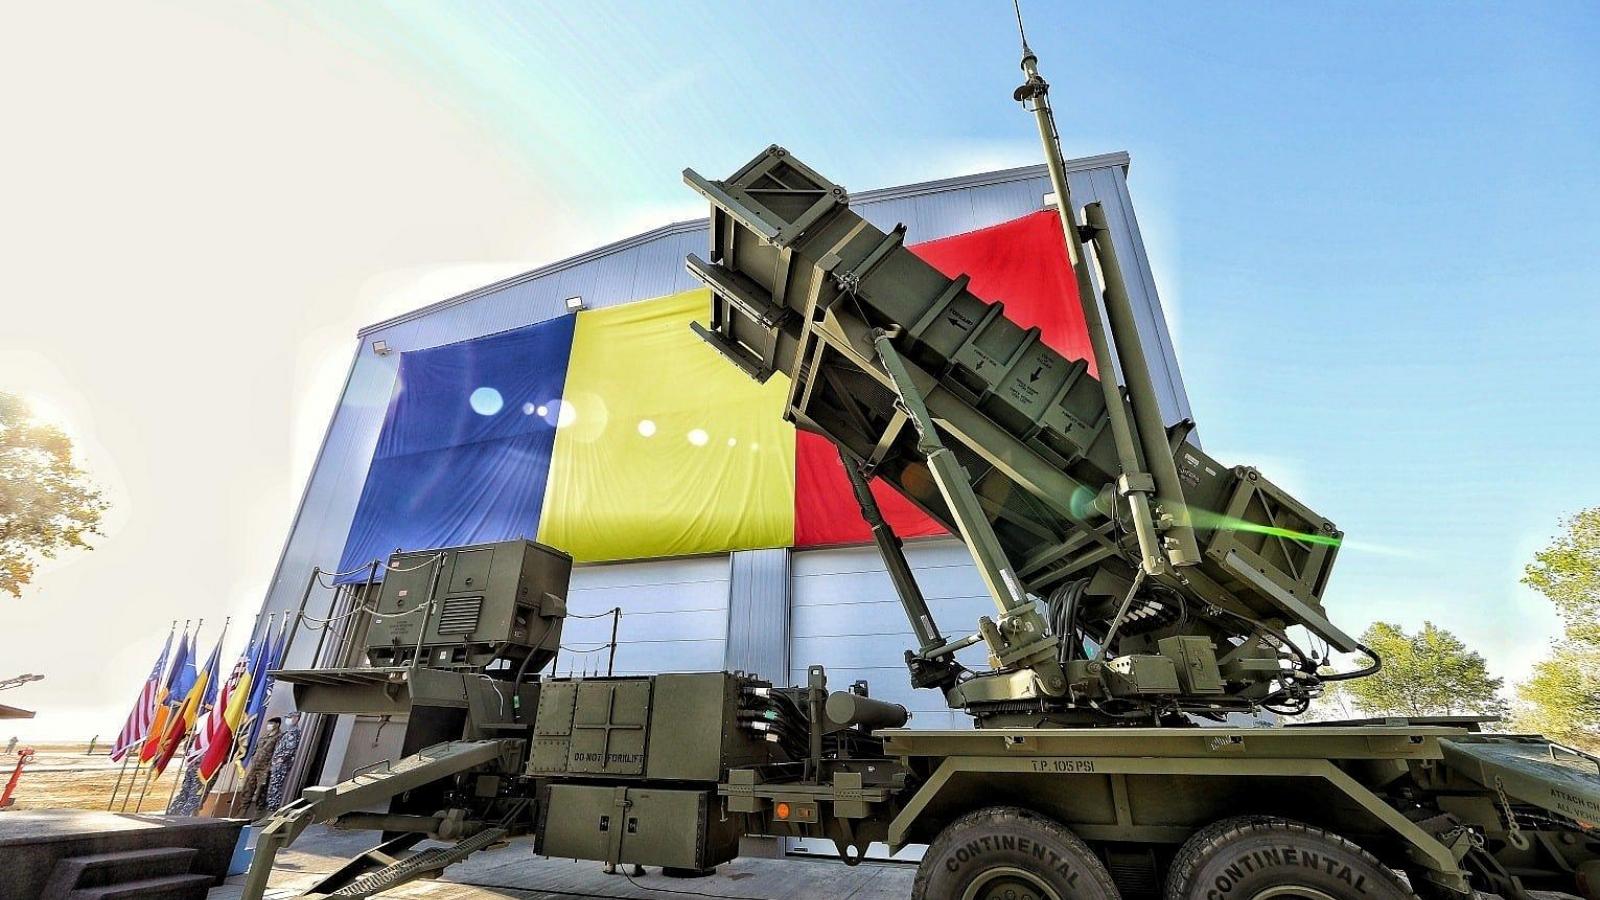 Hệ thống tên lửa đất đối không Patriot của Mỹ đã tới Rumani